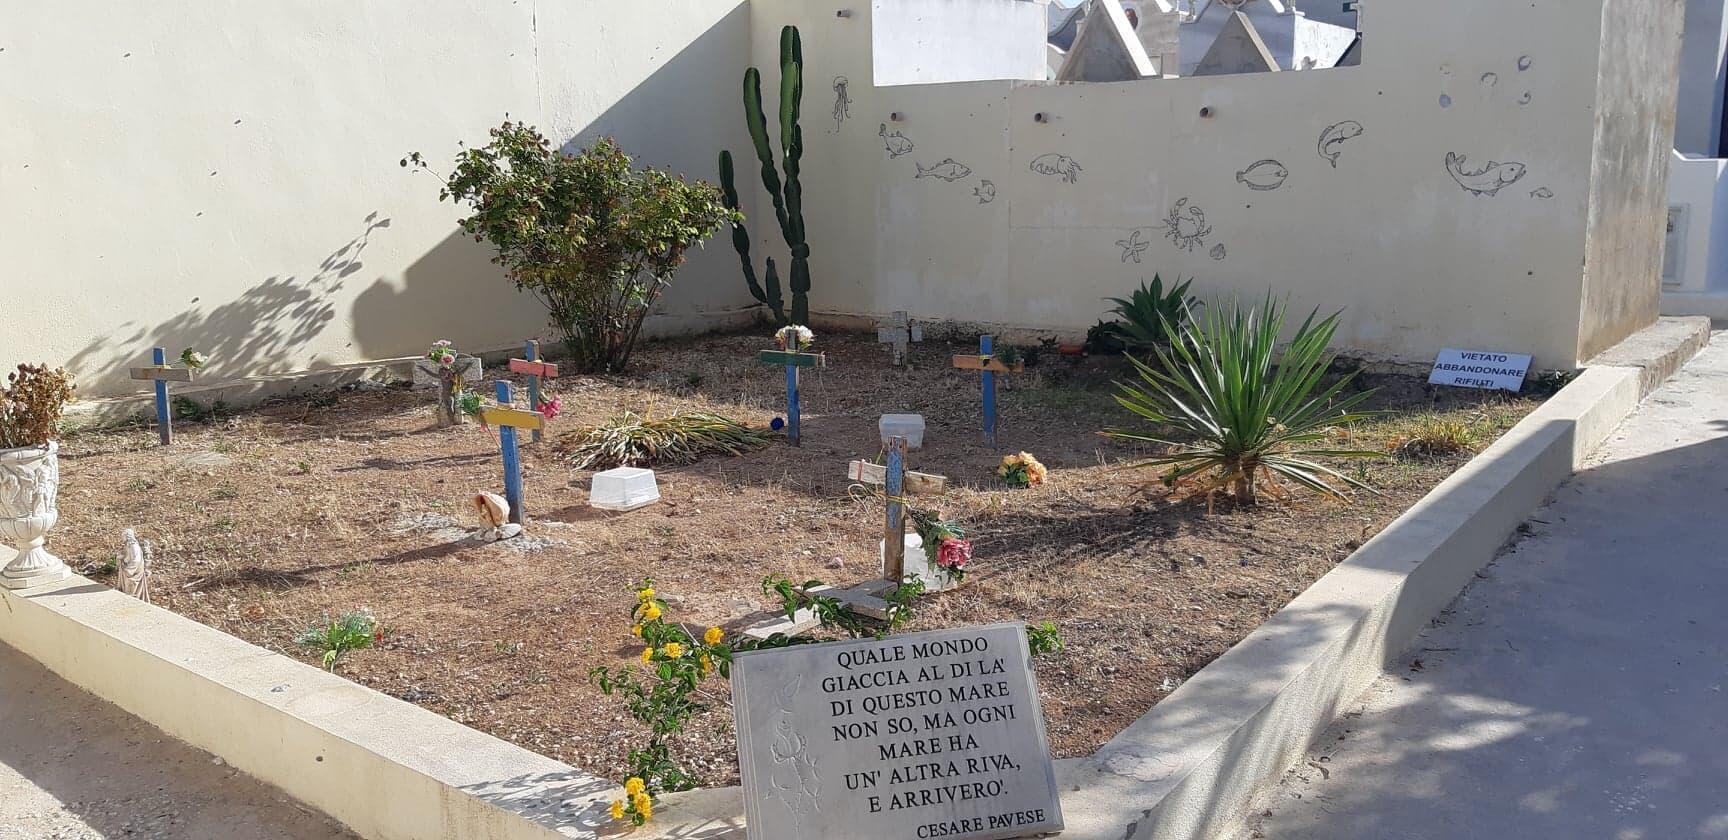 Des croix faites à partir de débris de barques indiquent la présence de migrants morts noyés en tentant de rejoindre l'Europe, au cimetière de Lampedusa.